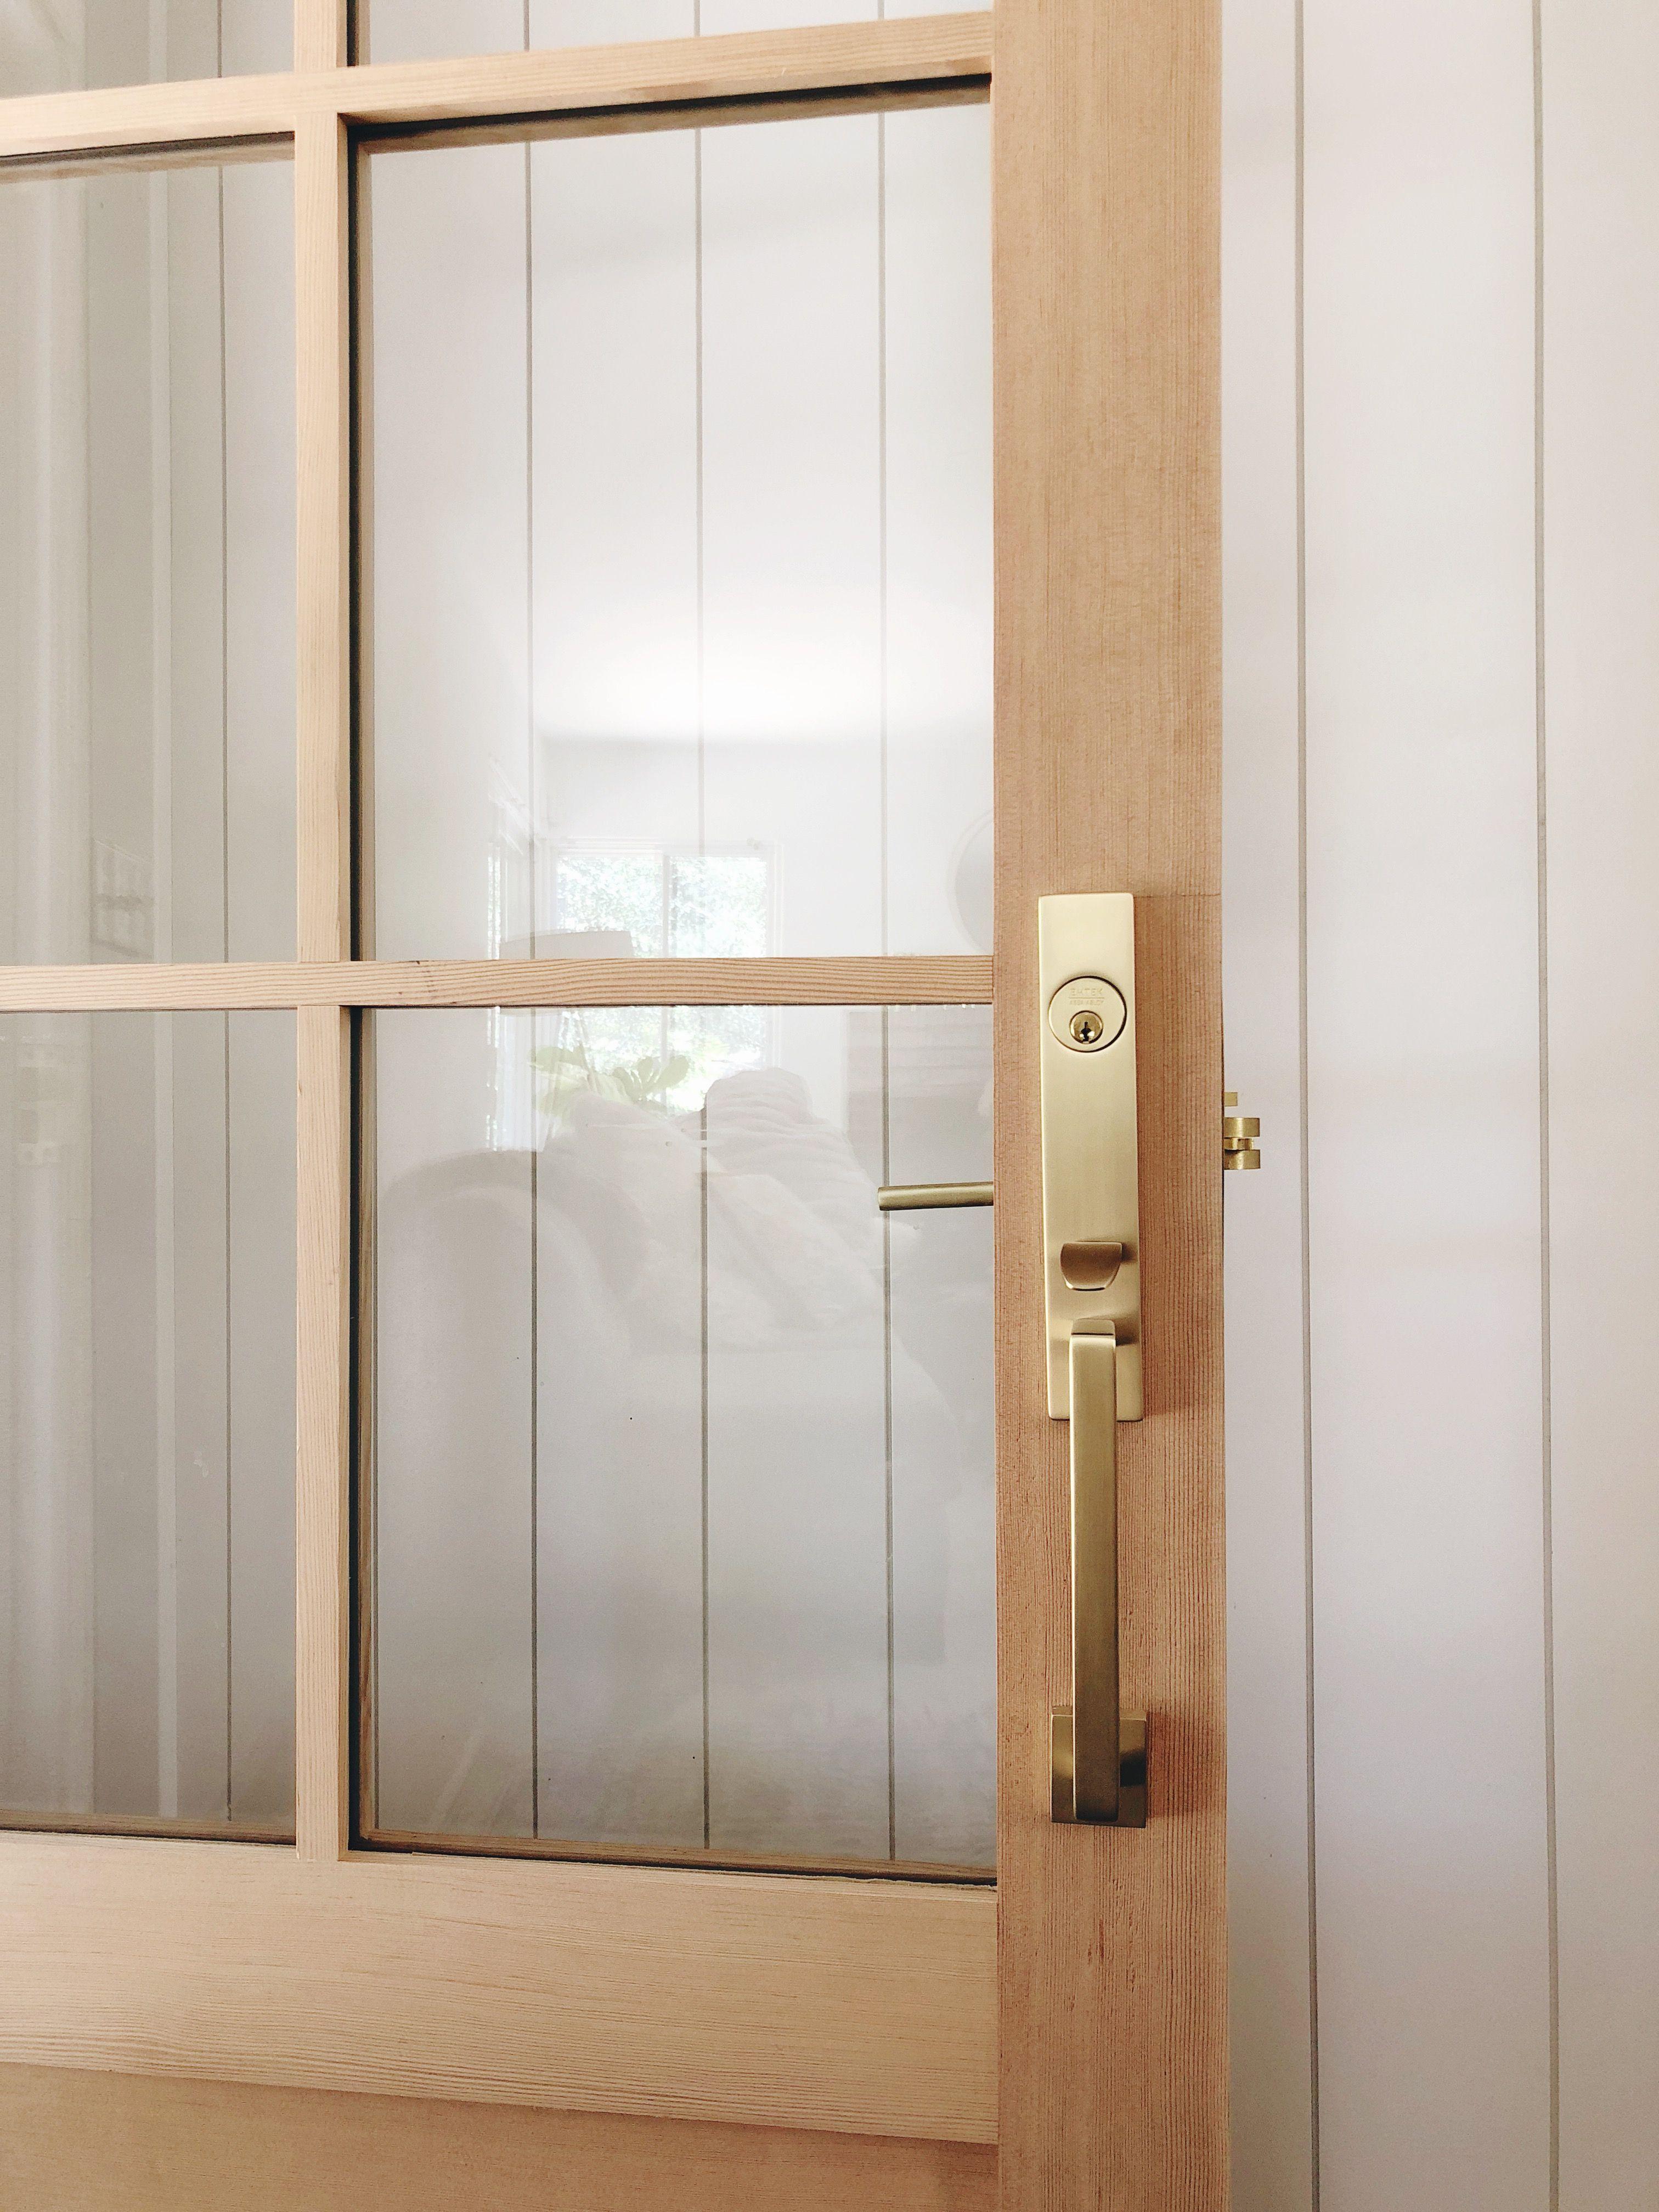 Our New Front Door Update The Vintage Rug Shop Exterior Door Hardware Front Door Hardware Front Door Handles